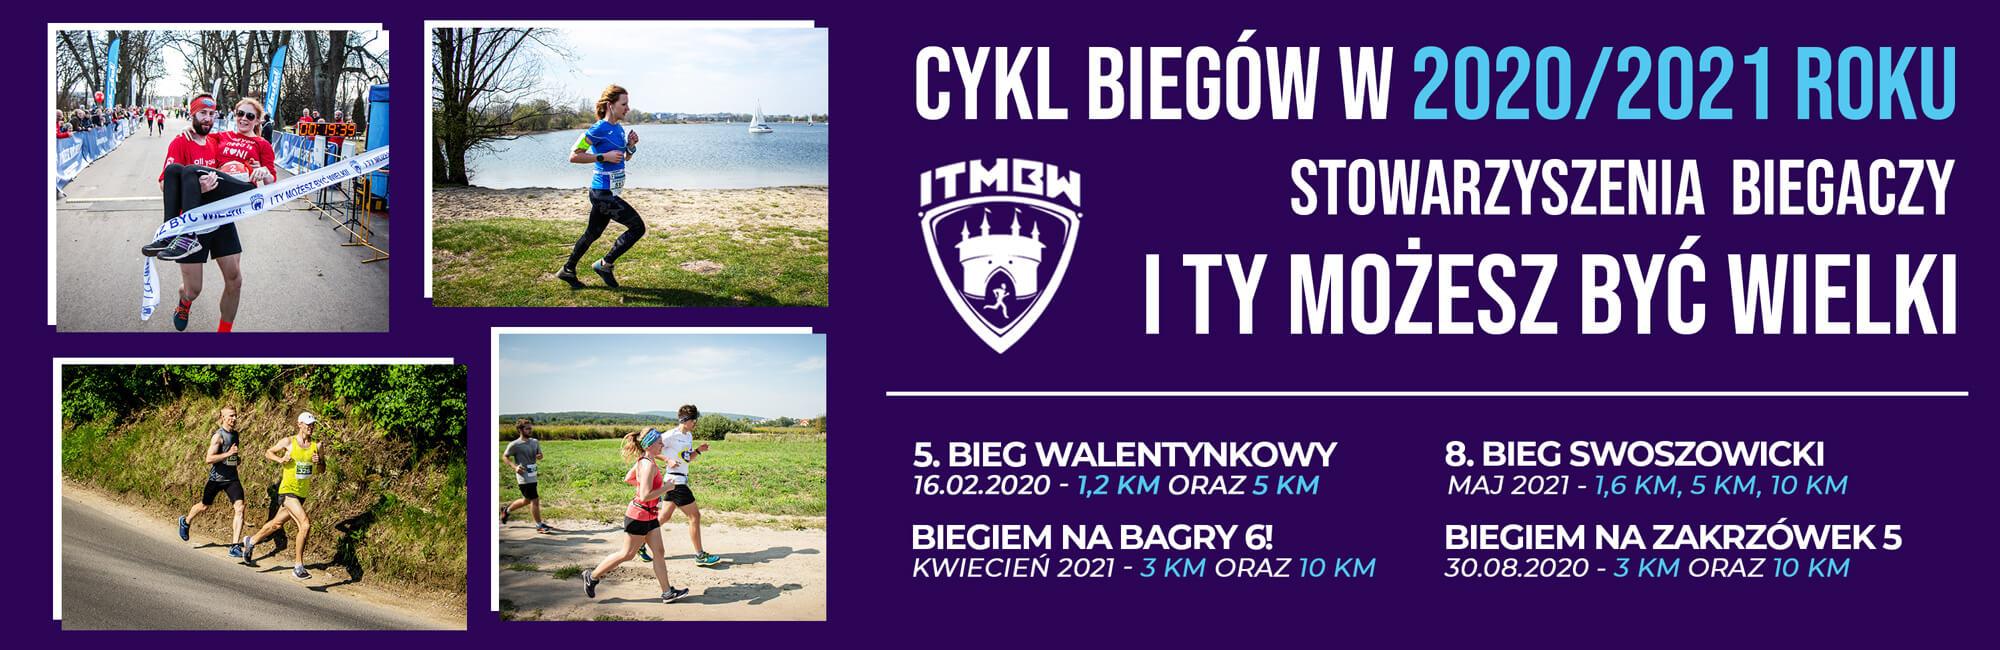 Cykl biegów ITMBW Kraków